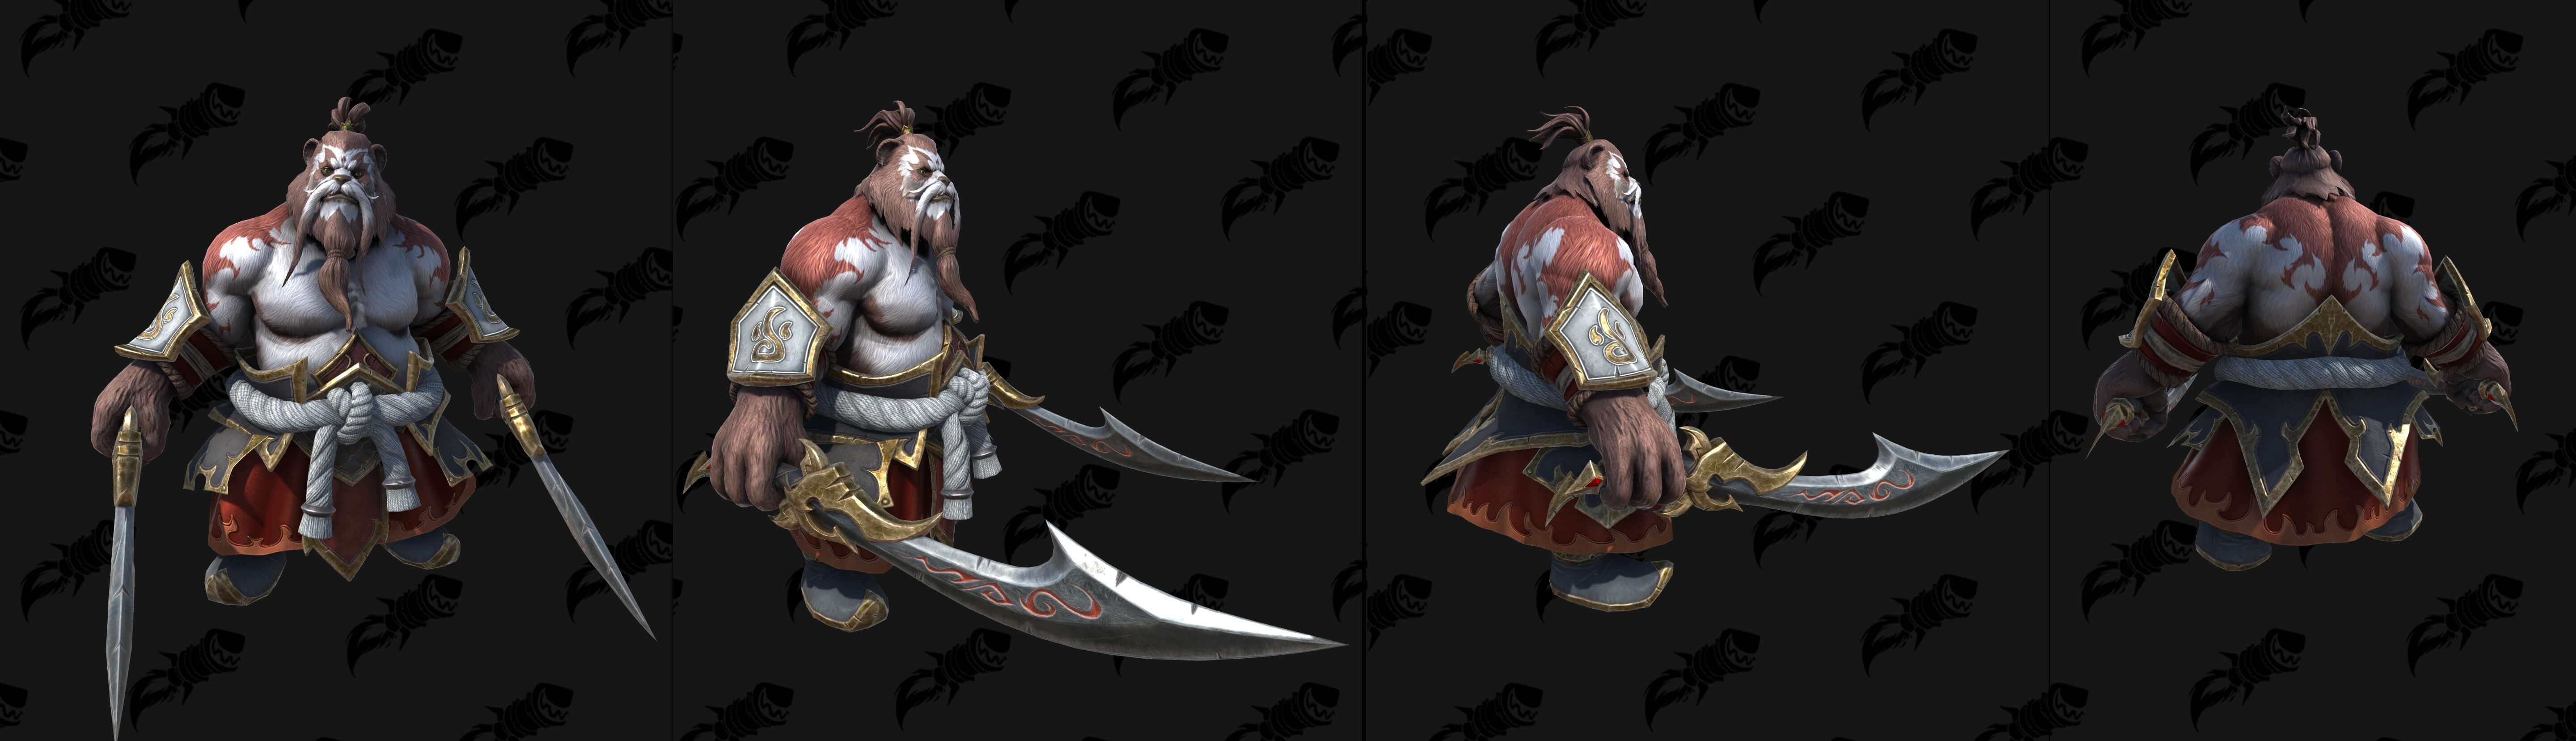 Пандарен-хмелевар (Огонь) Warcraft lll: Reforged